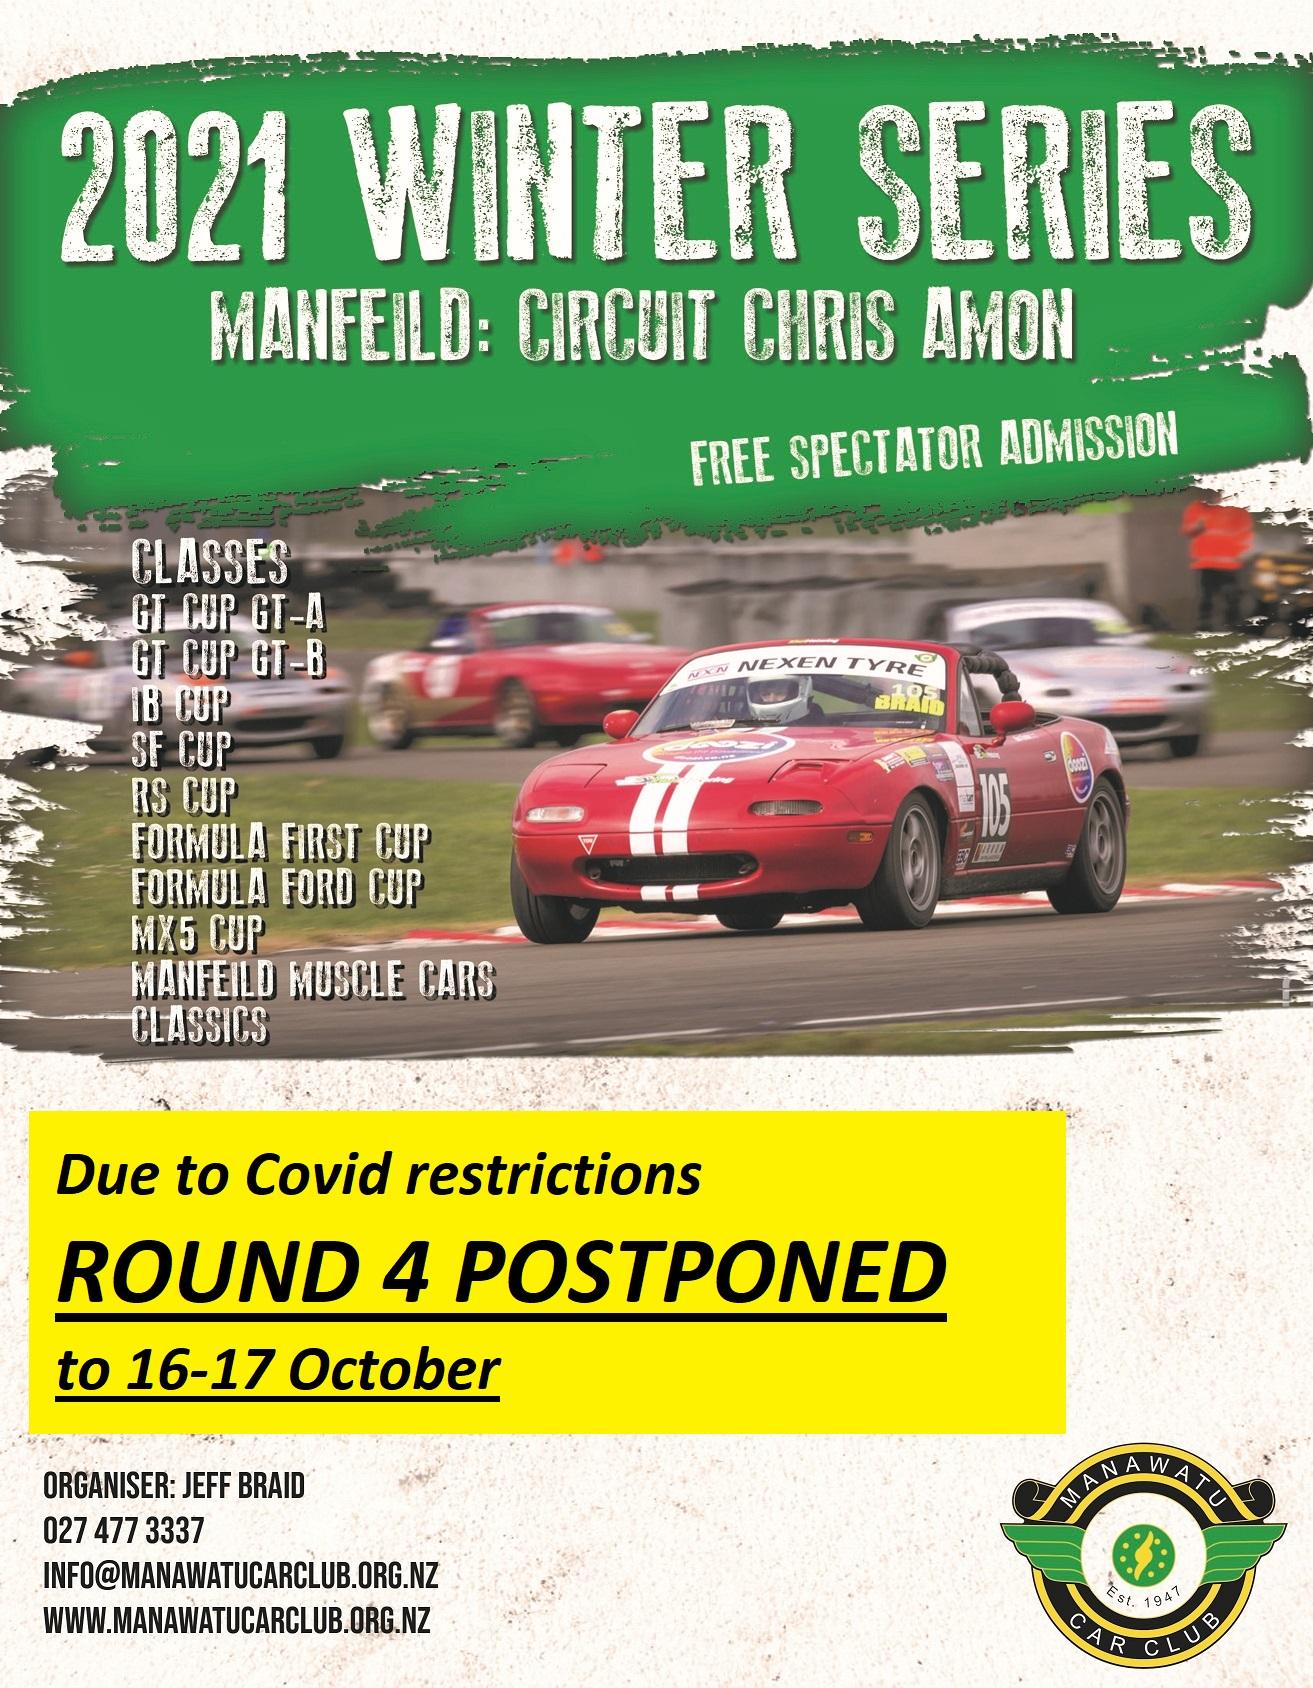 Feilding Auto Electrical Winter Series @ Manfeild: Circuit Chris Amon   Feilding   Manawatu-Wanganui   New Zealand